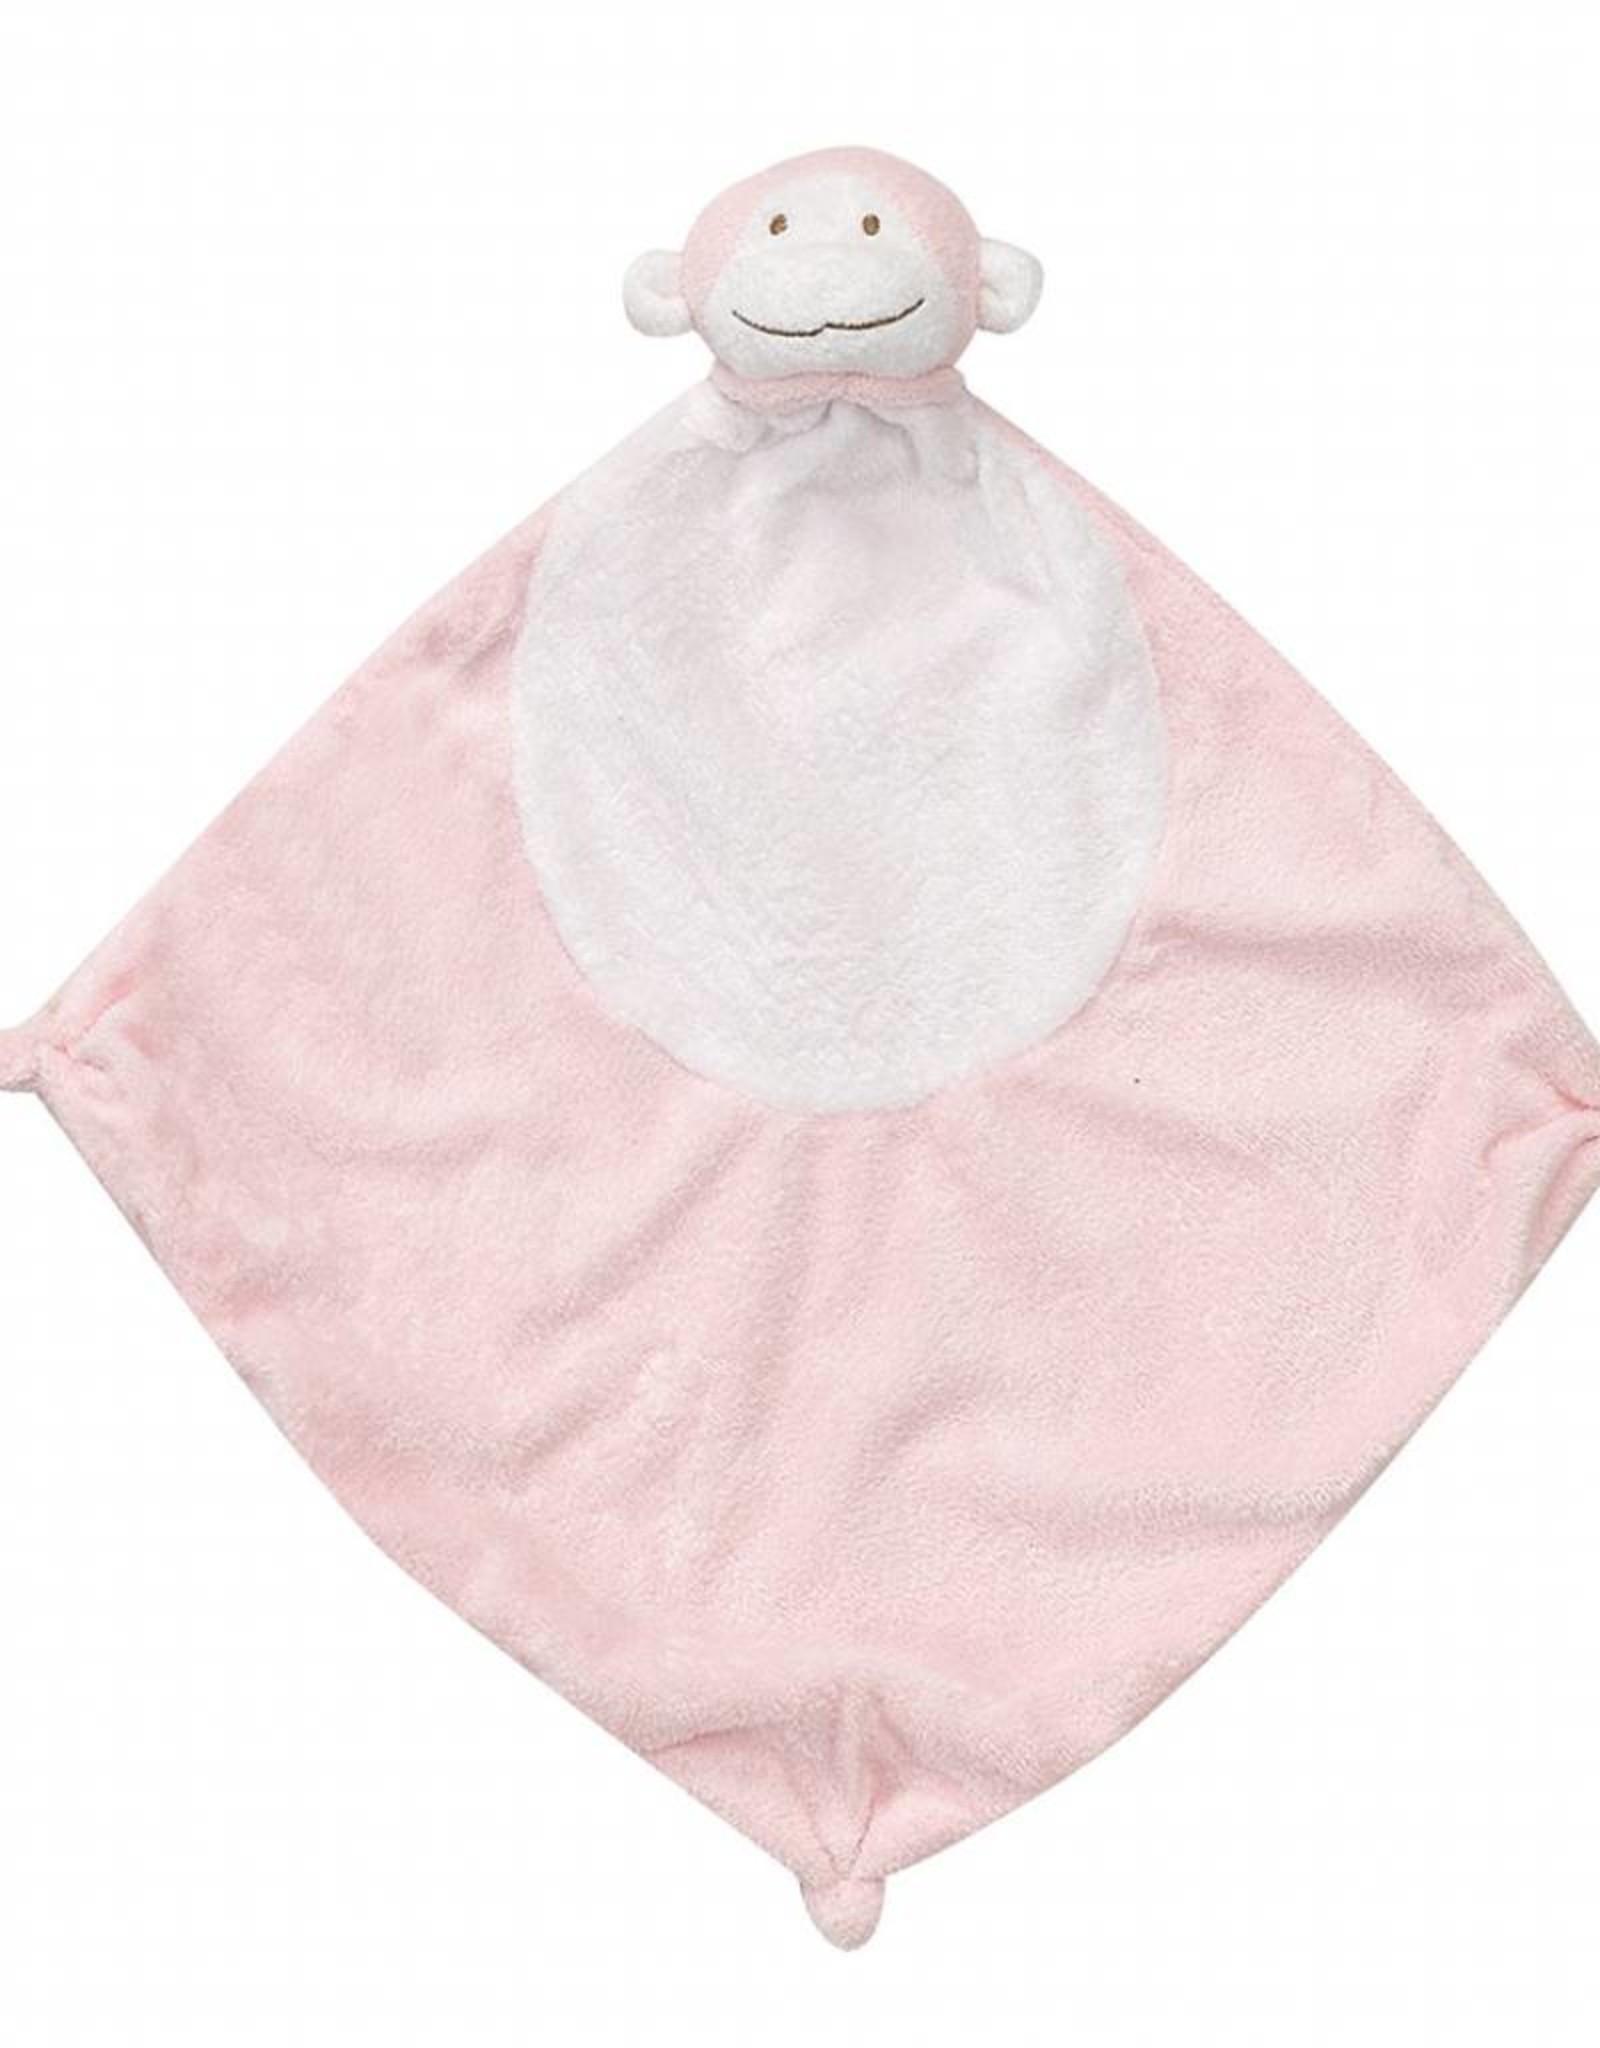 Angel Dear Angel Dear Blankie Pink Monkey